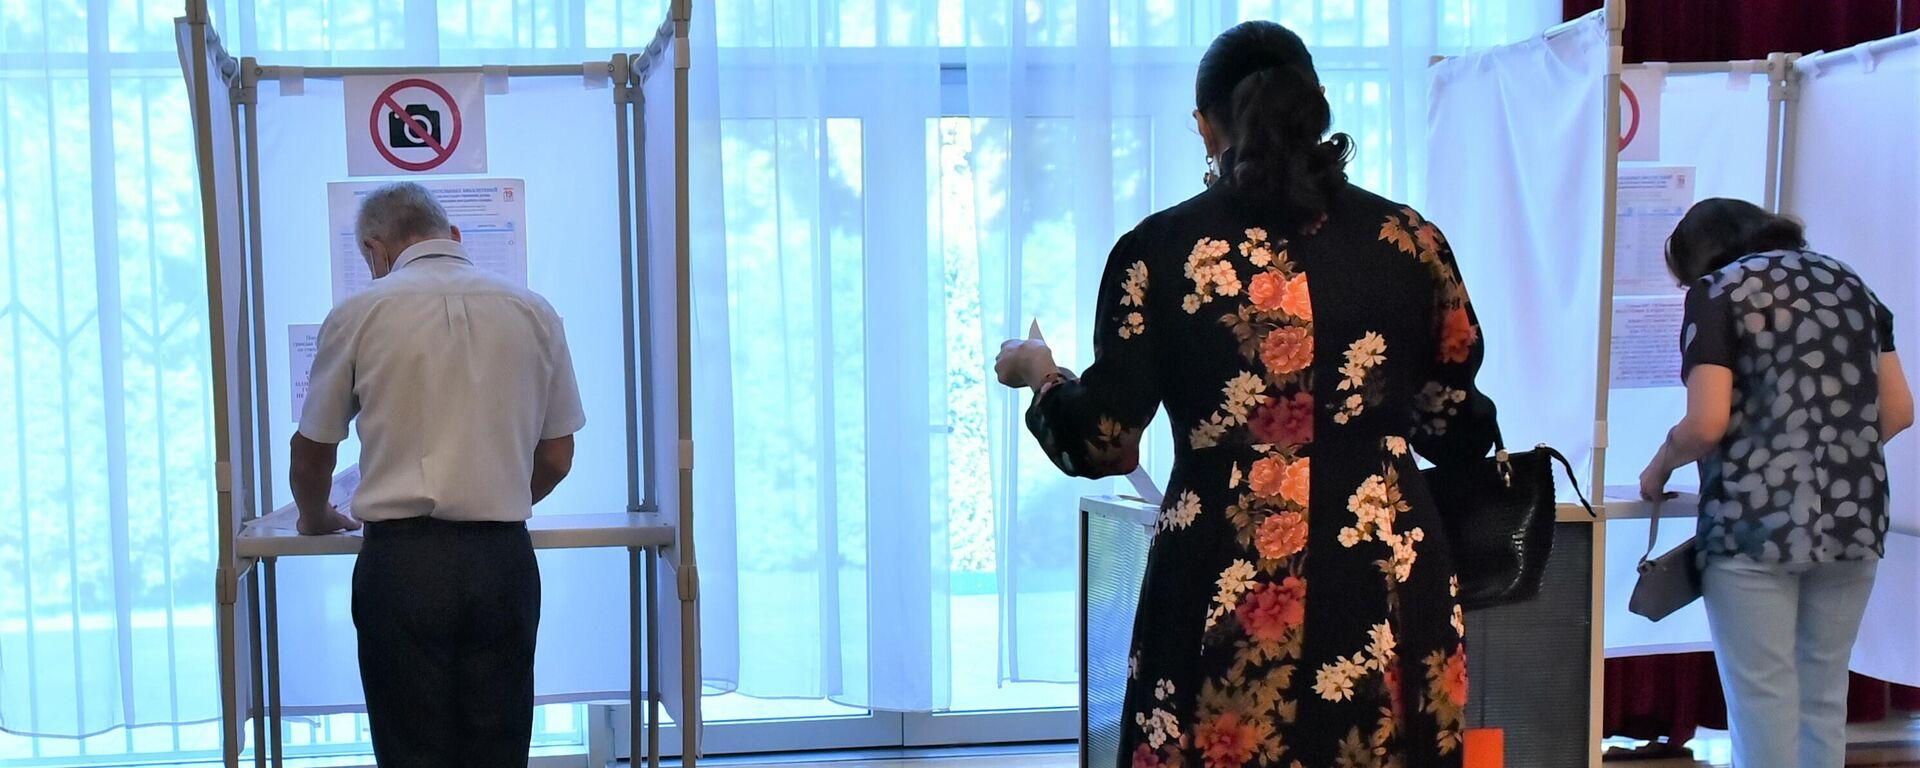 Ambasador Ruske Federacije u Srbiji Aleksandar Bocan-Harčenko na glasačkom mestu u ruskoj ambasadi u Beogradu  - Sputnik Srbija, 1920, 20.09.2021